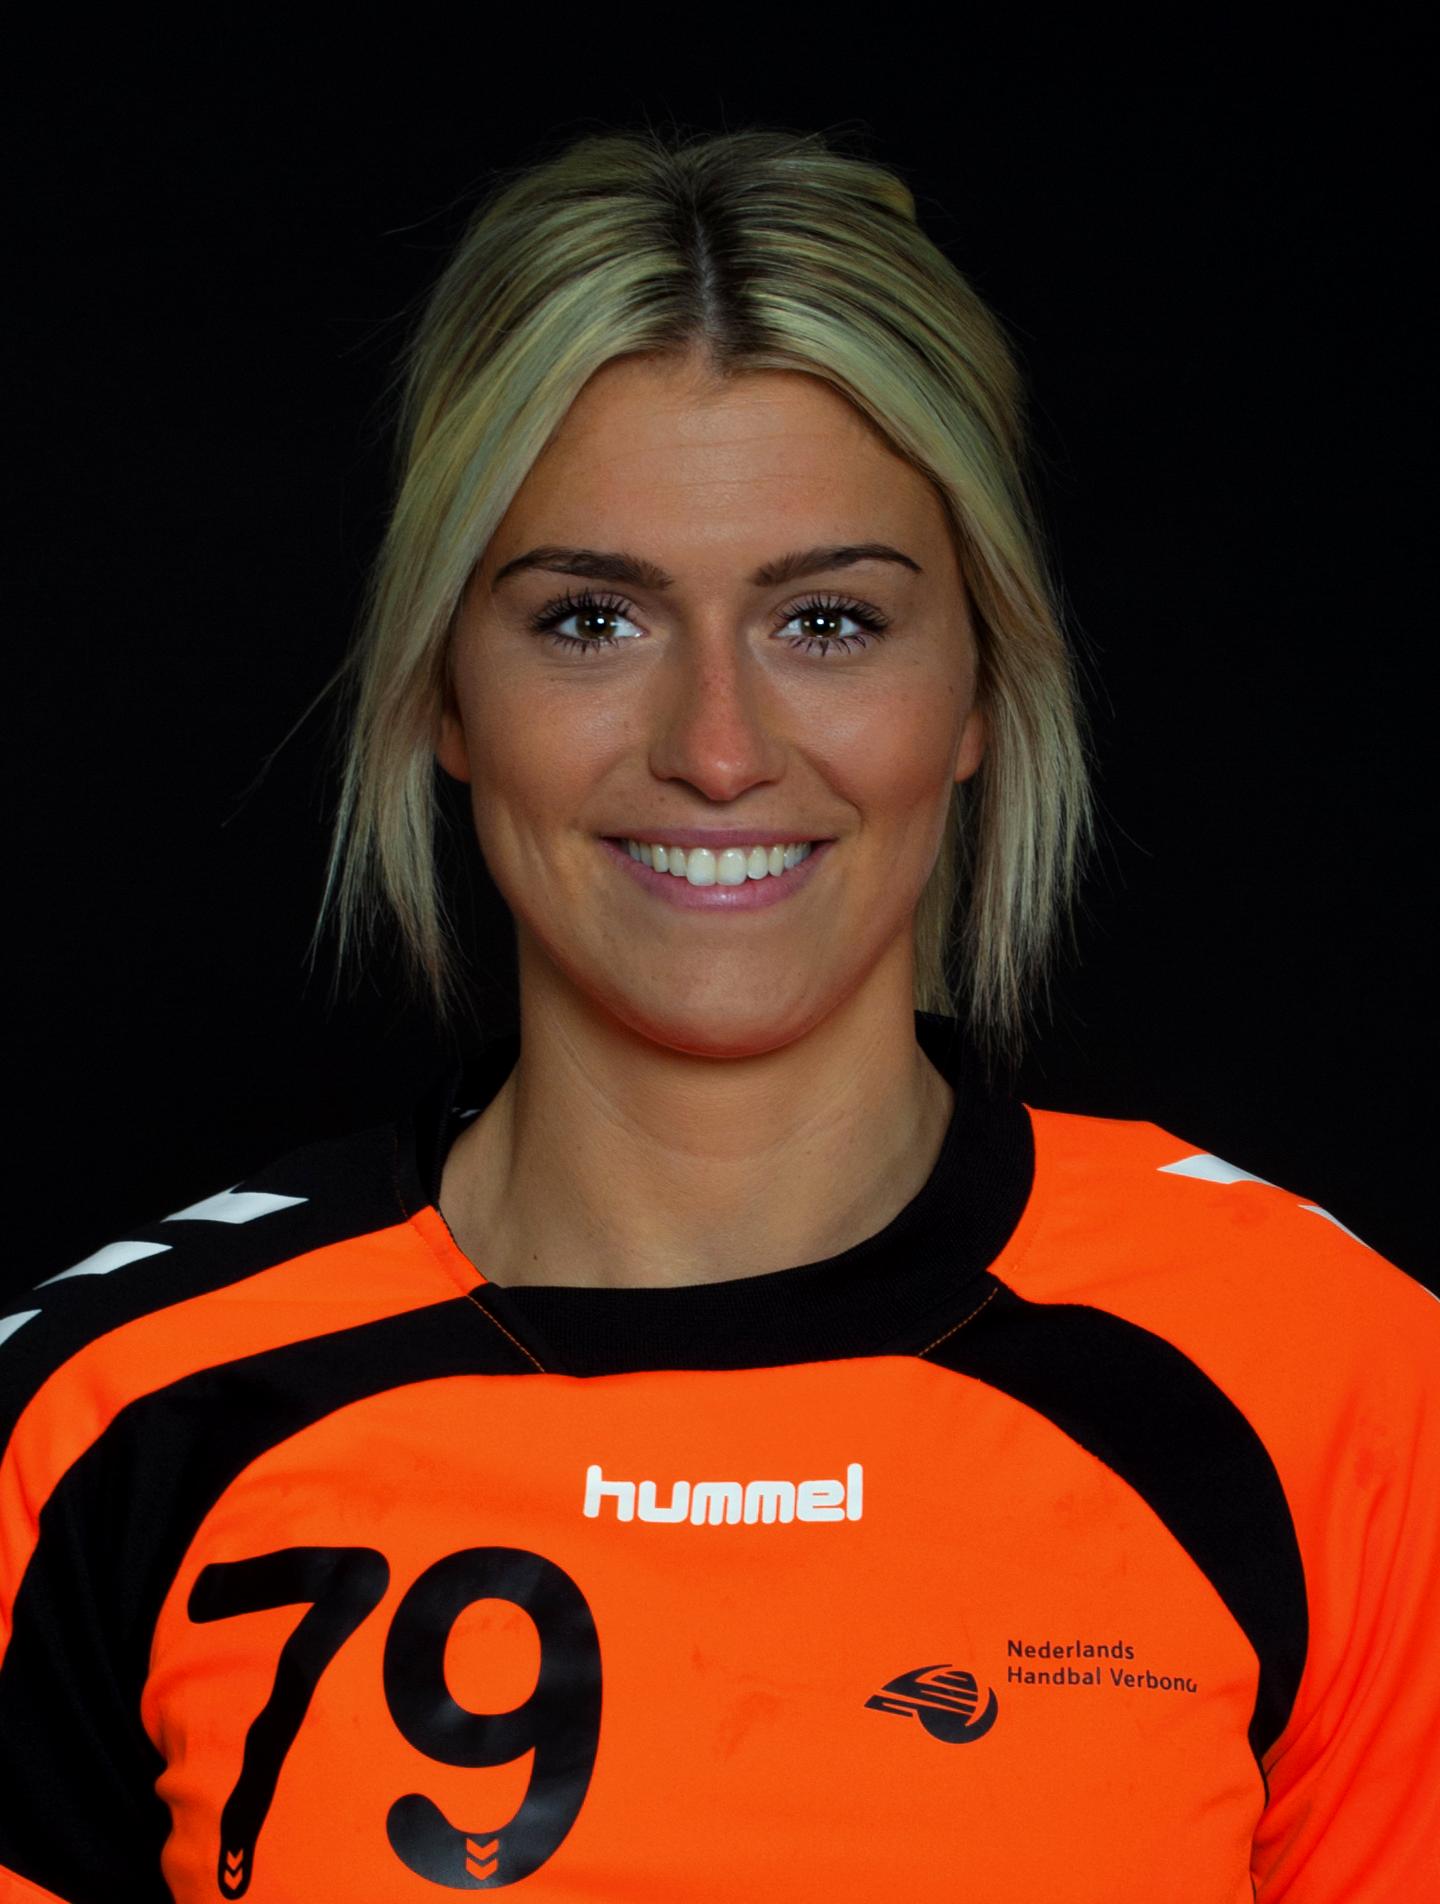 Polman handball